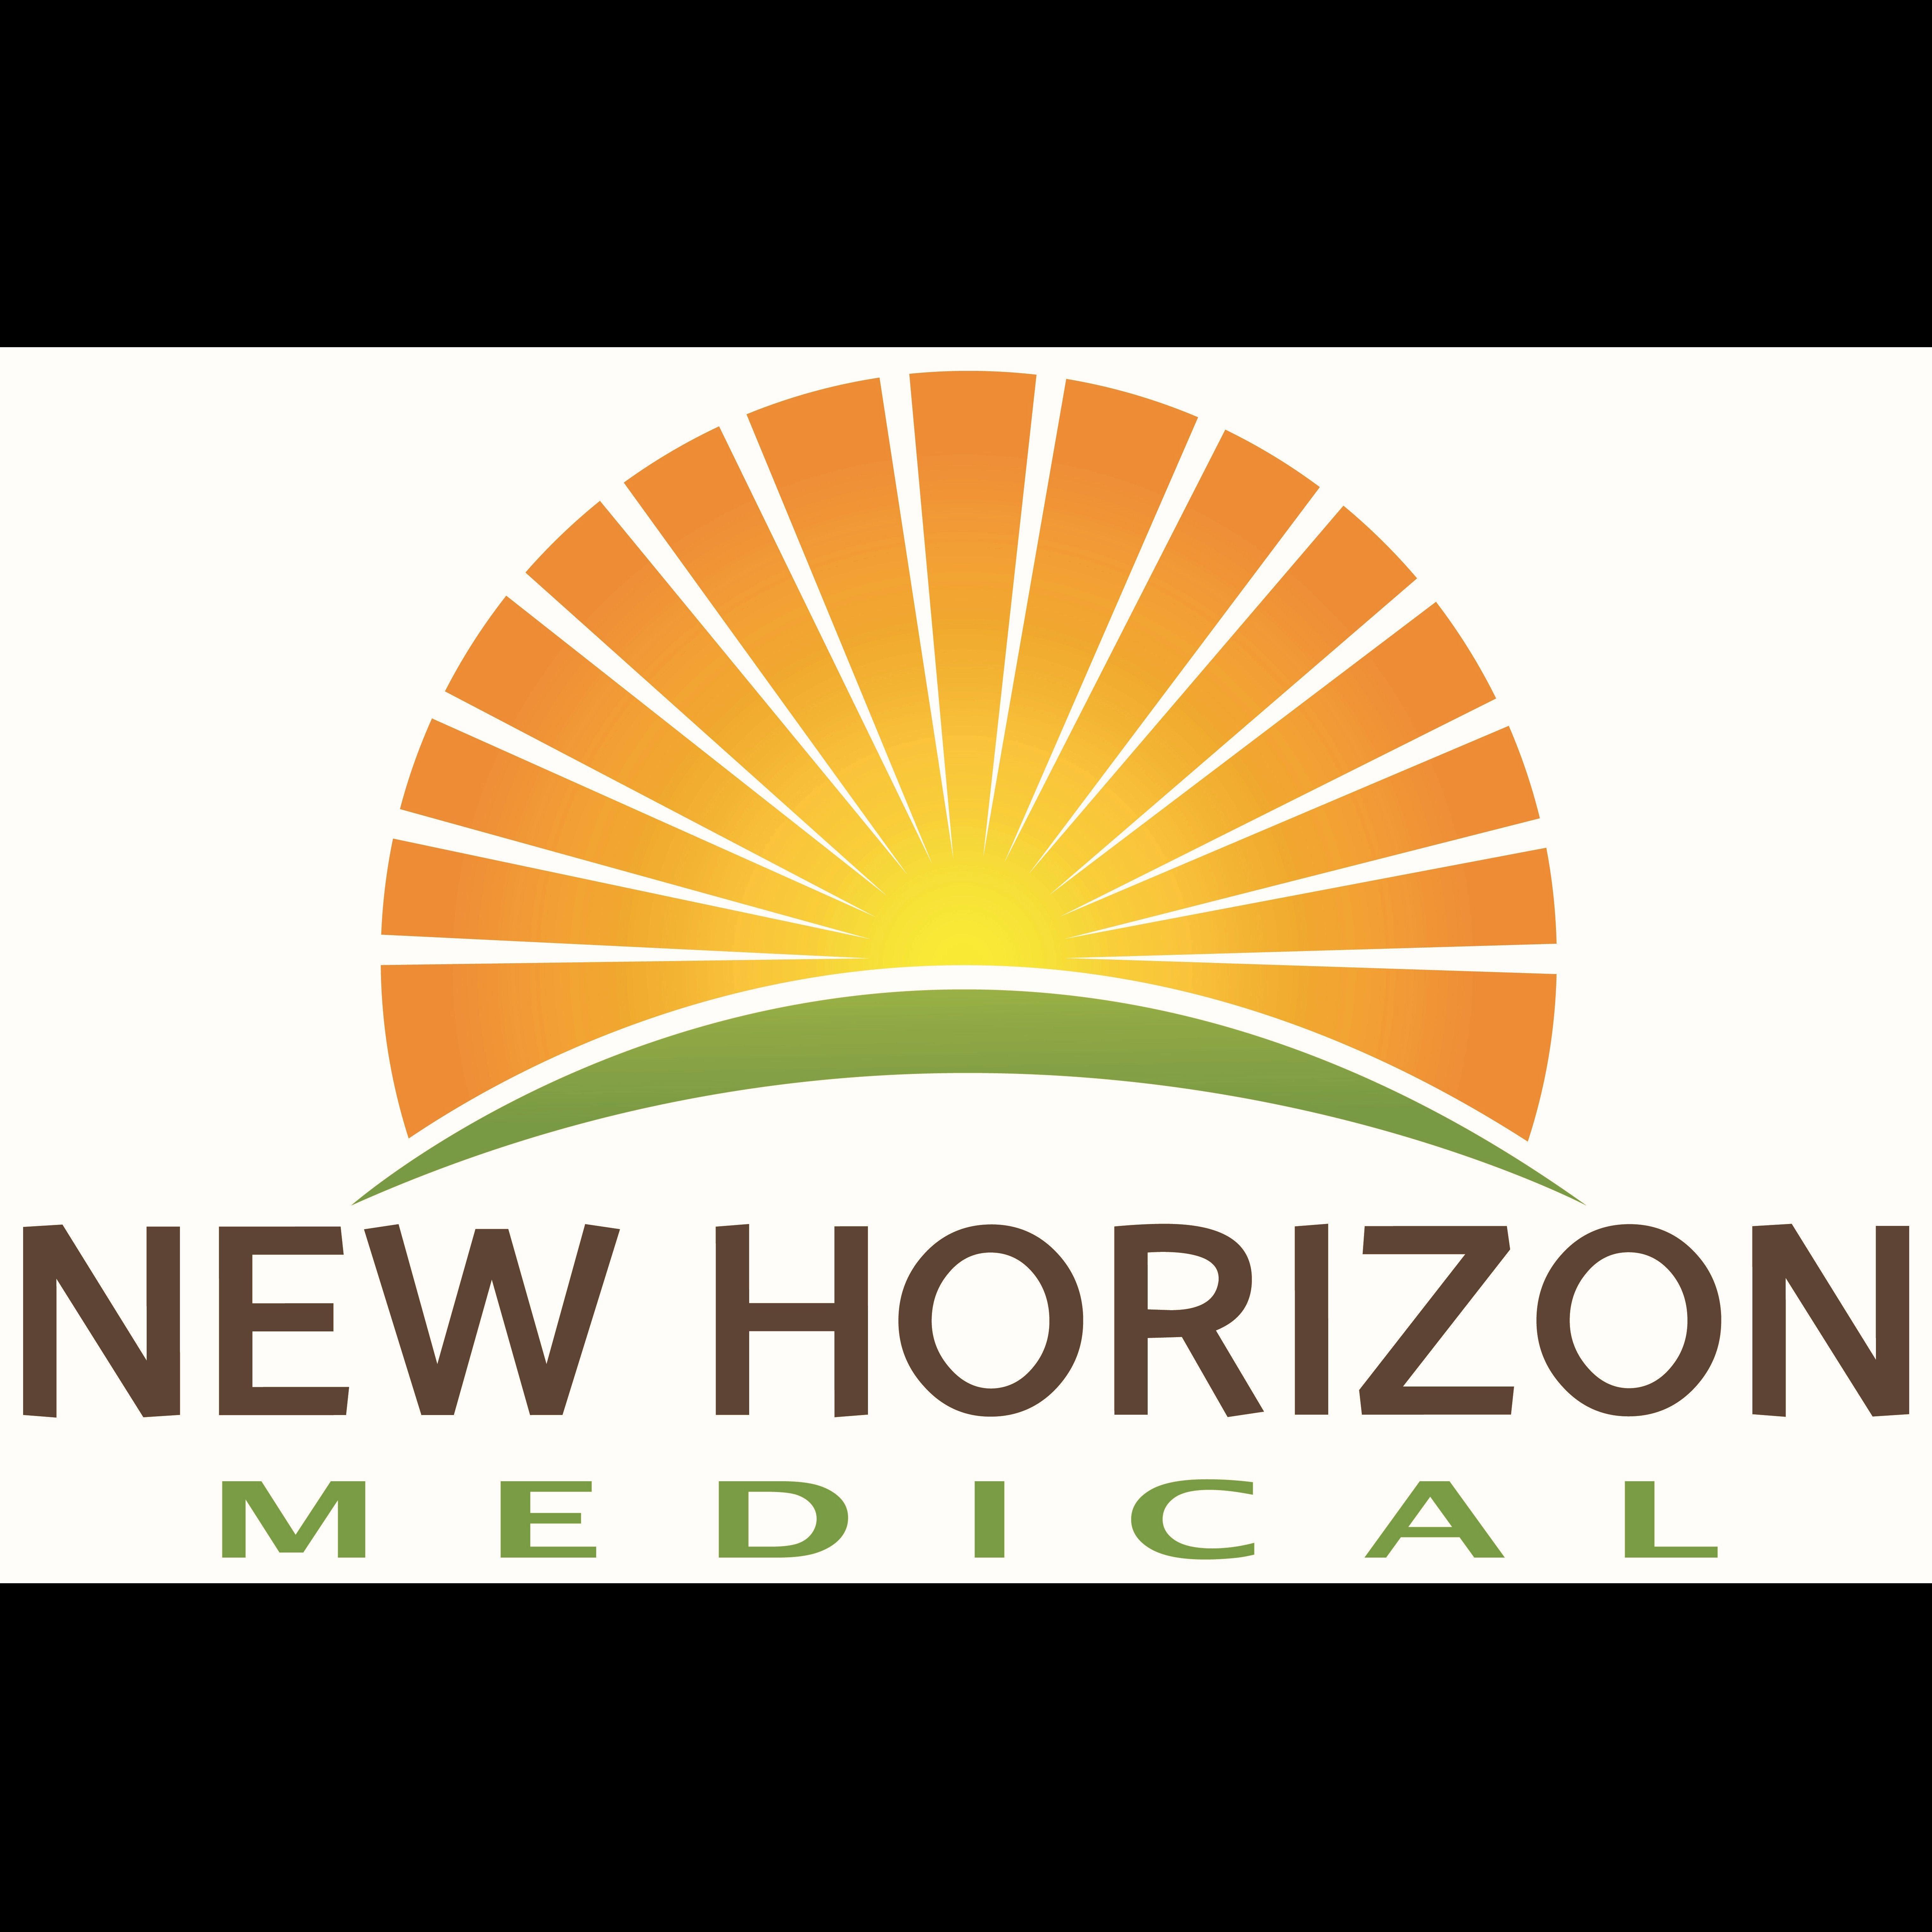 New Horizon Medical - Foxboro, MA 02035 - (774)215-5579   ShowMeLocal.com